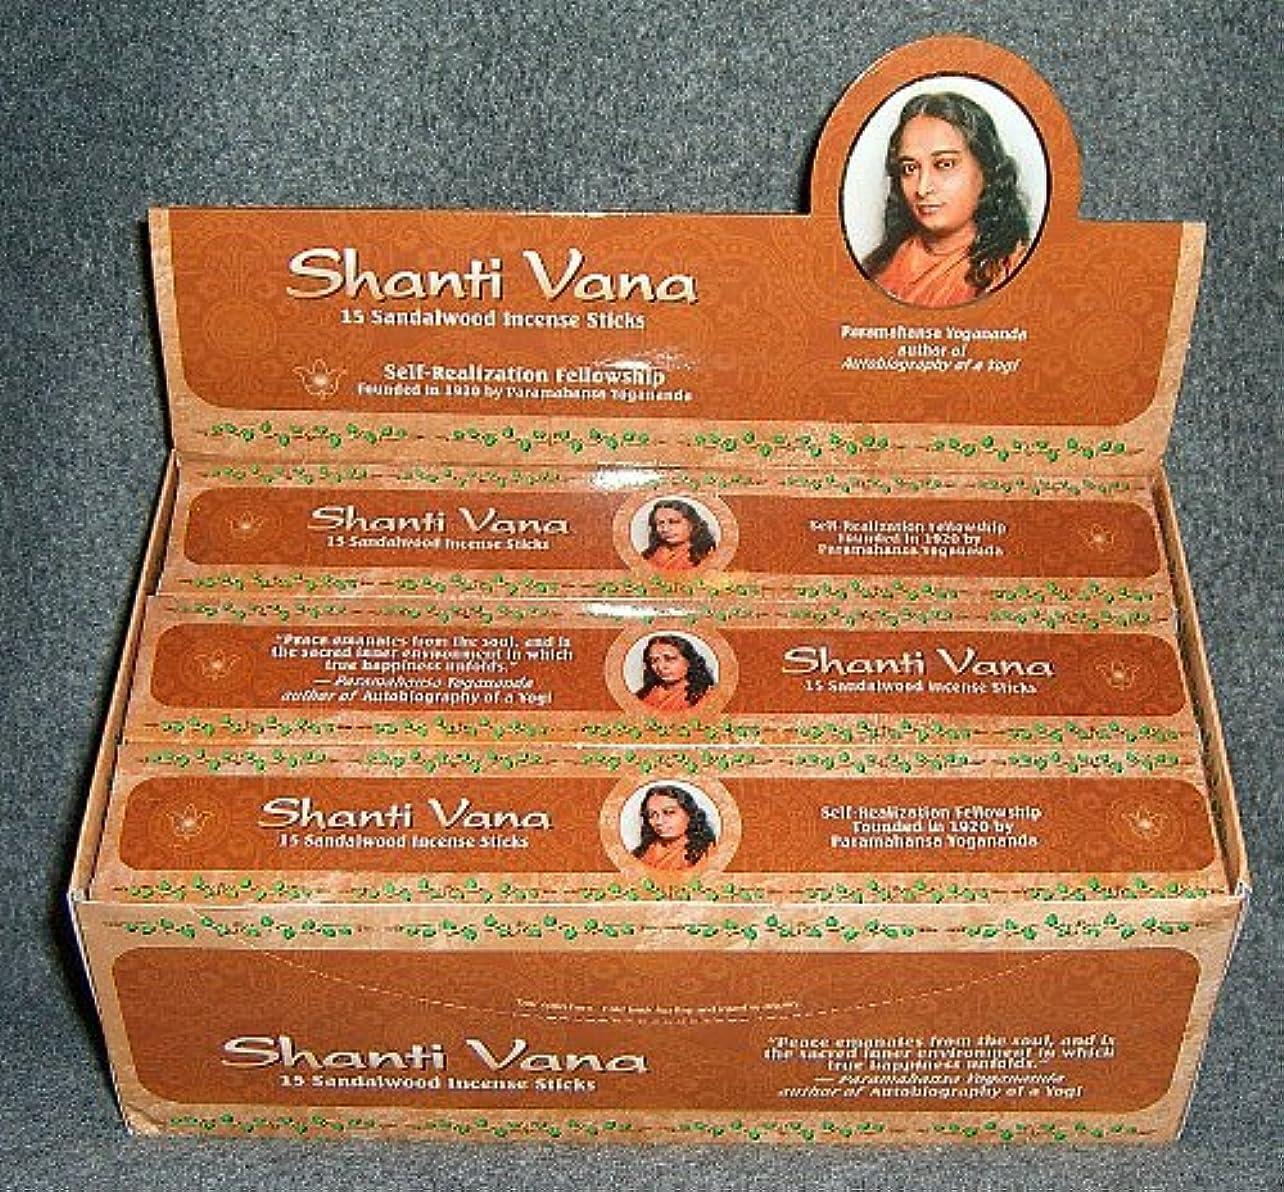 ダイアクリティカル金額結論Shanti Vana Sandalwood Incense Sticks 15 sticksのボックス – 12の各